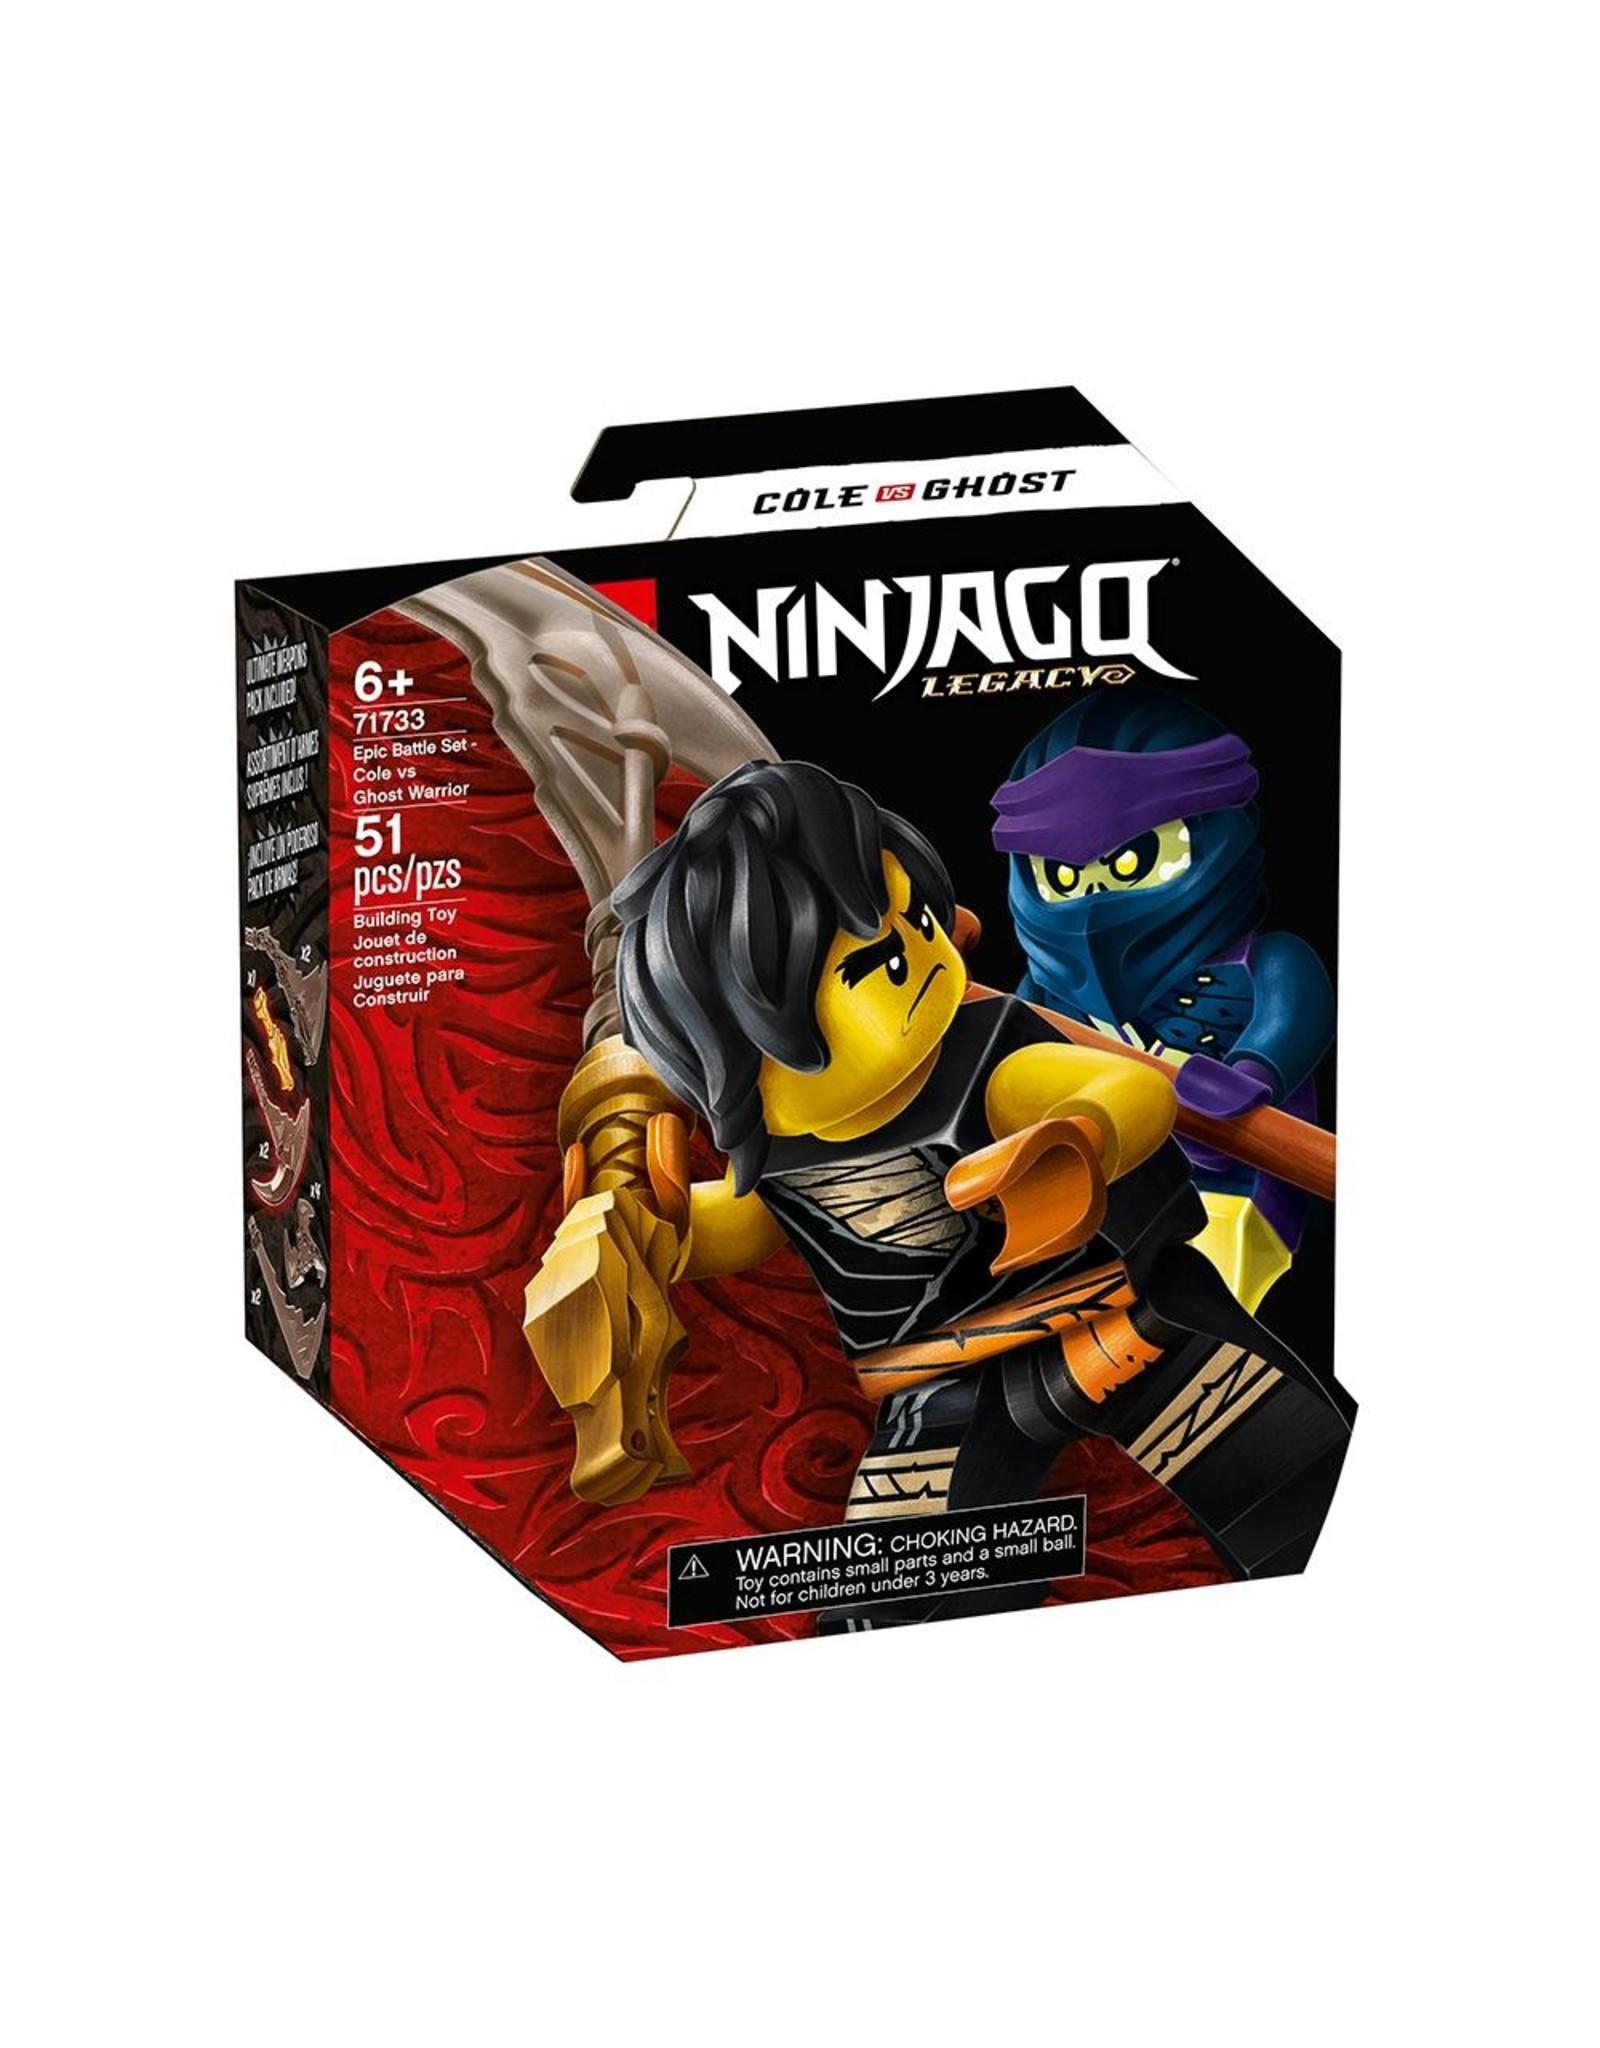 LEGO Ninjago 71733 Epic Battle Set - Cole vs, Ghost